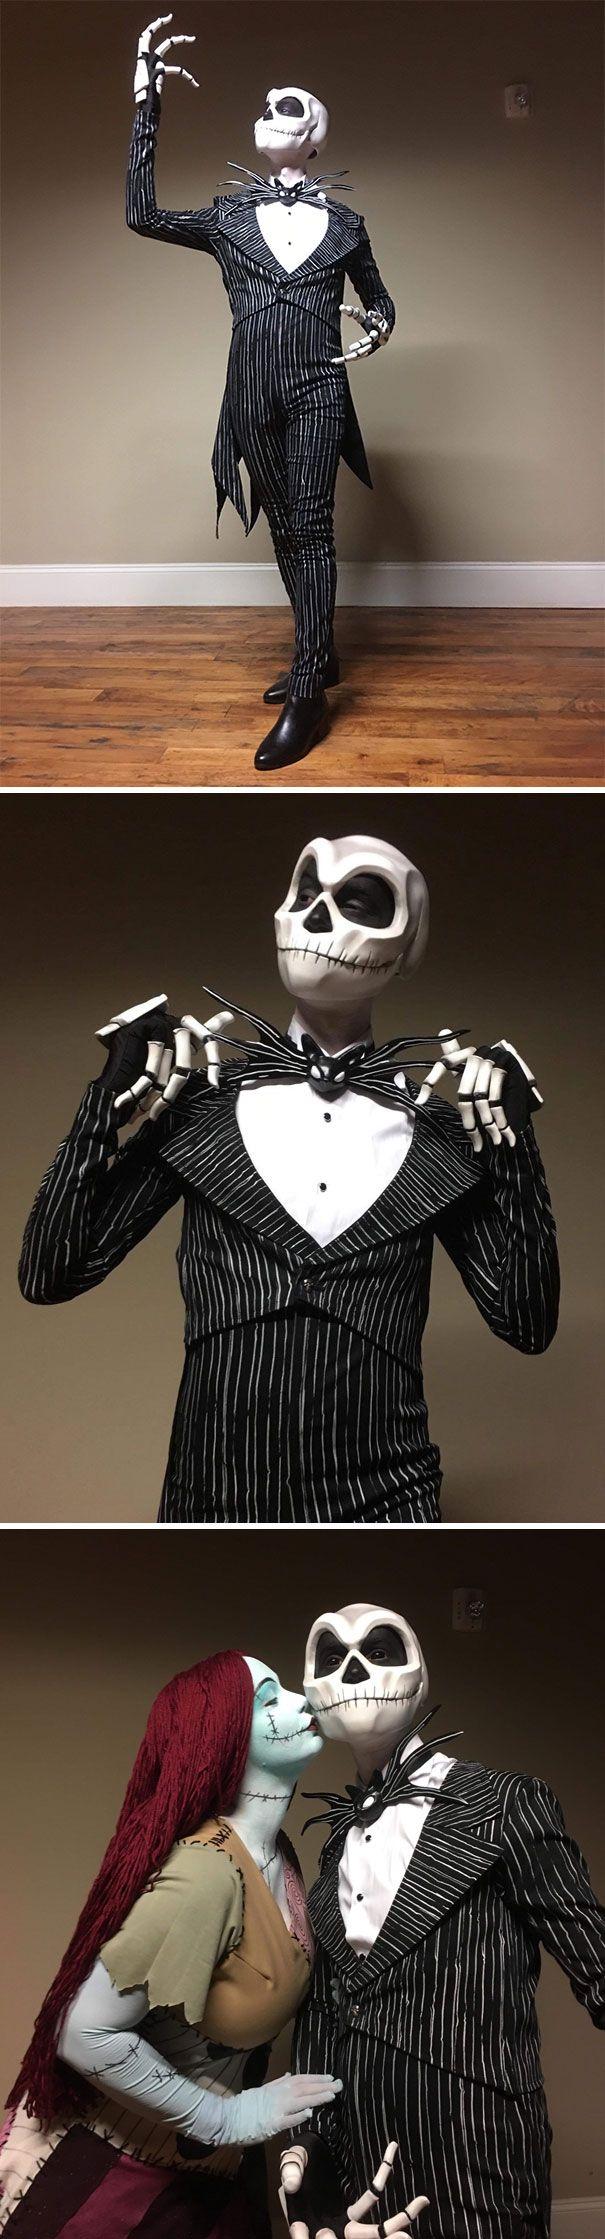 33 personnes qui ont surpris tout le monde à l'Halloween avec leurs costumes